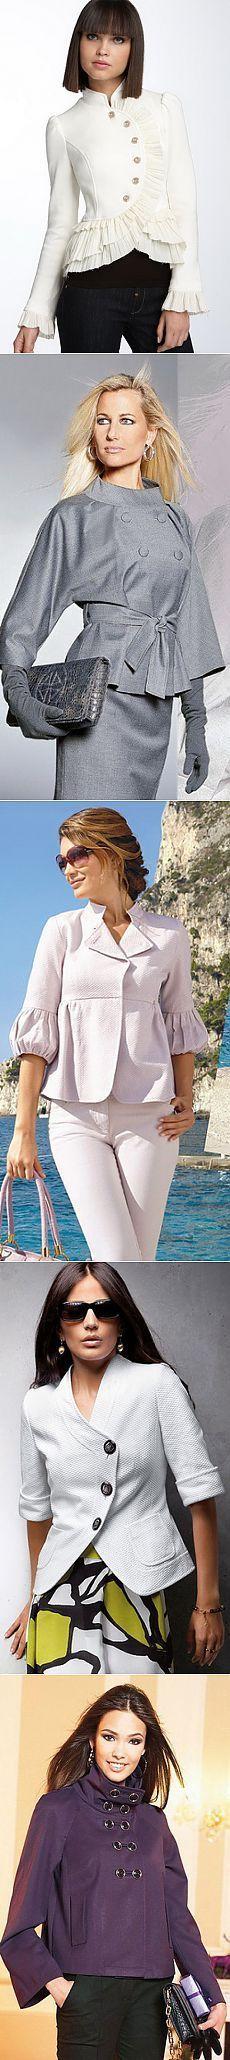 Жакет – новая классика - + 100 красивых моделей